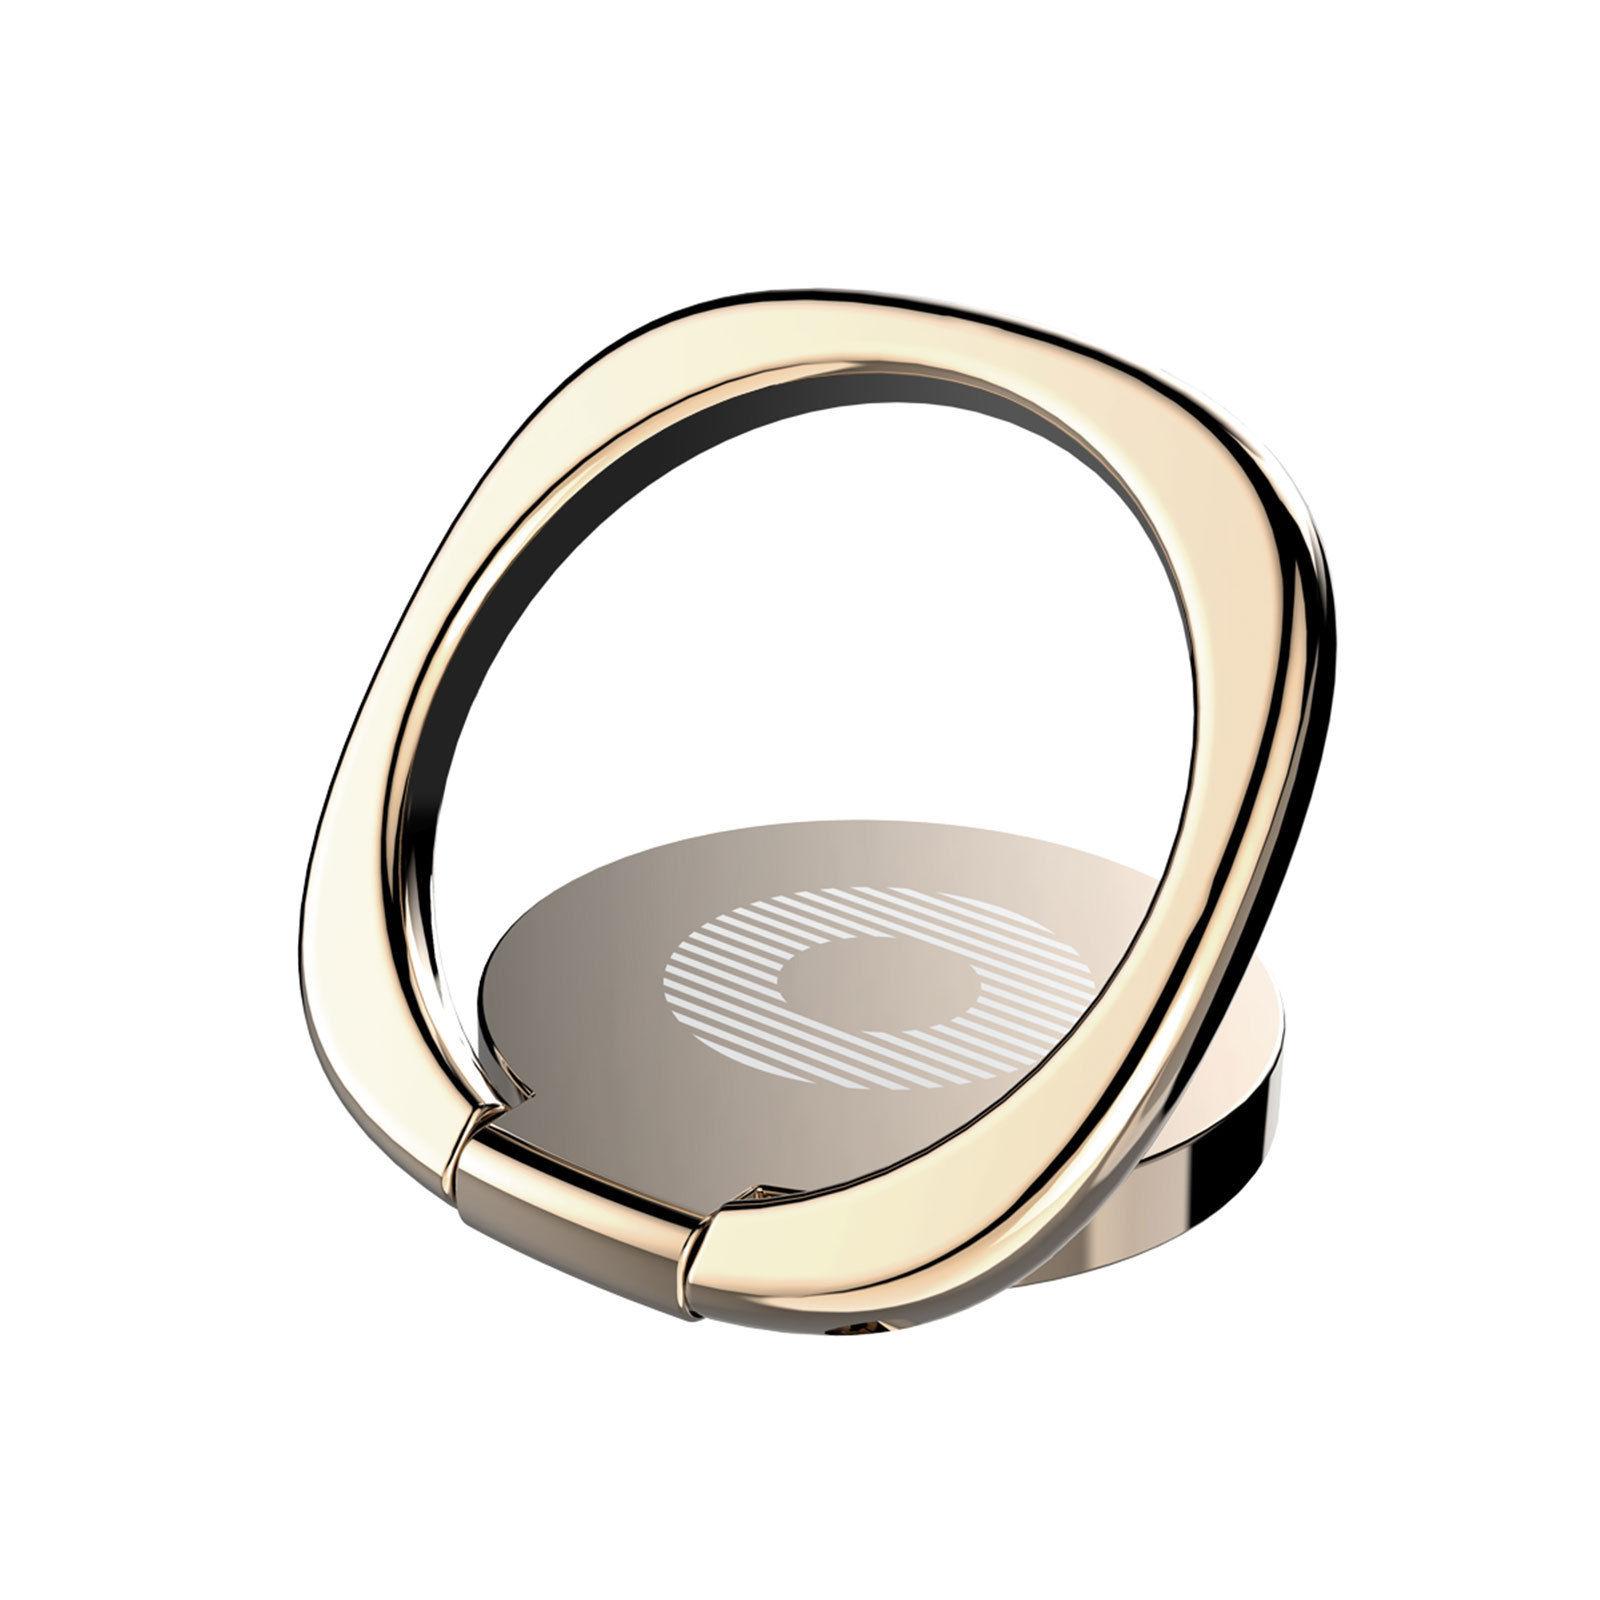 Baseus-360-Finger-Ring-Stand-Phone-Holder-Desk-Bracket-Car-Magnetic-Metal-Plate